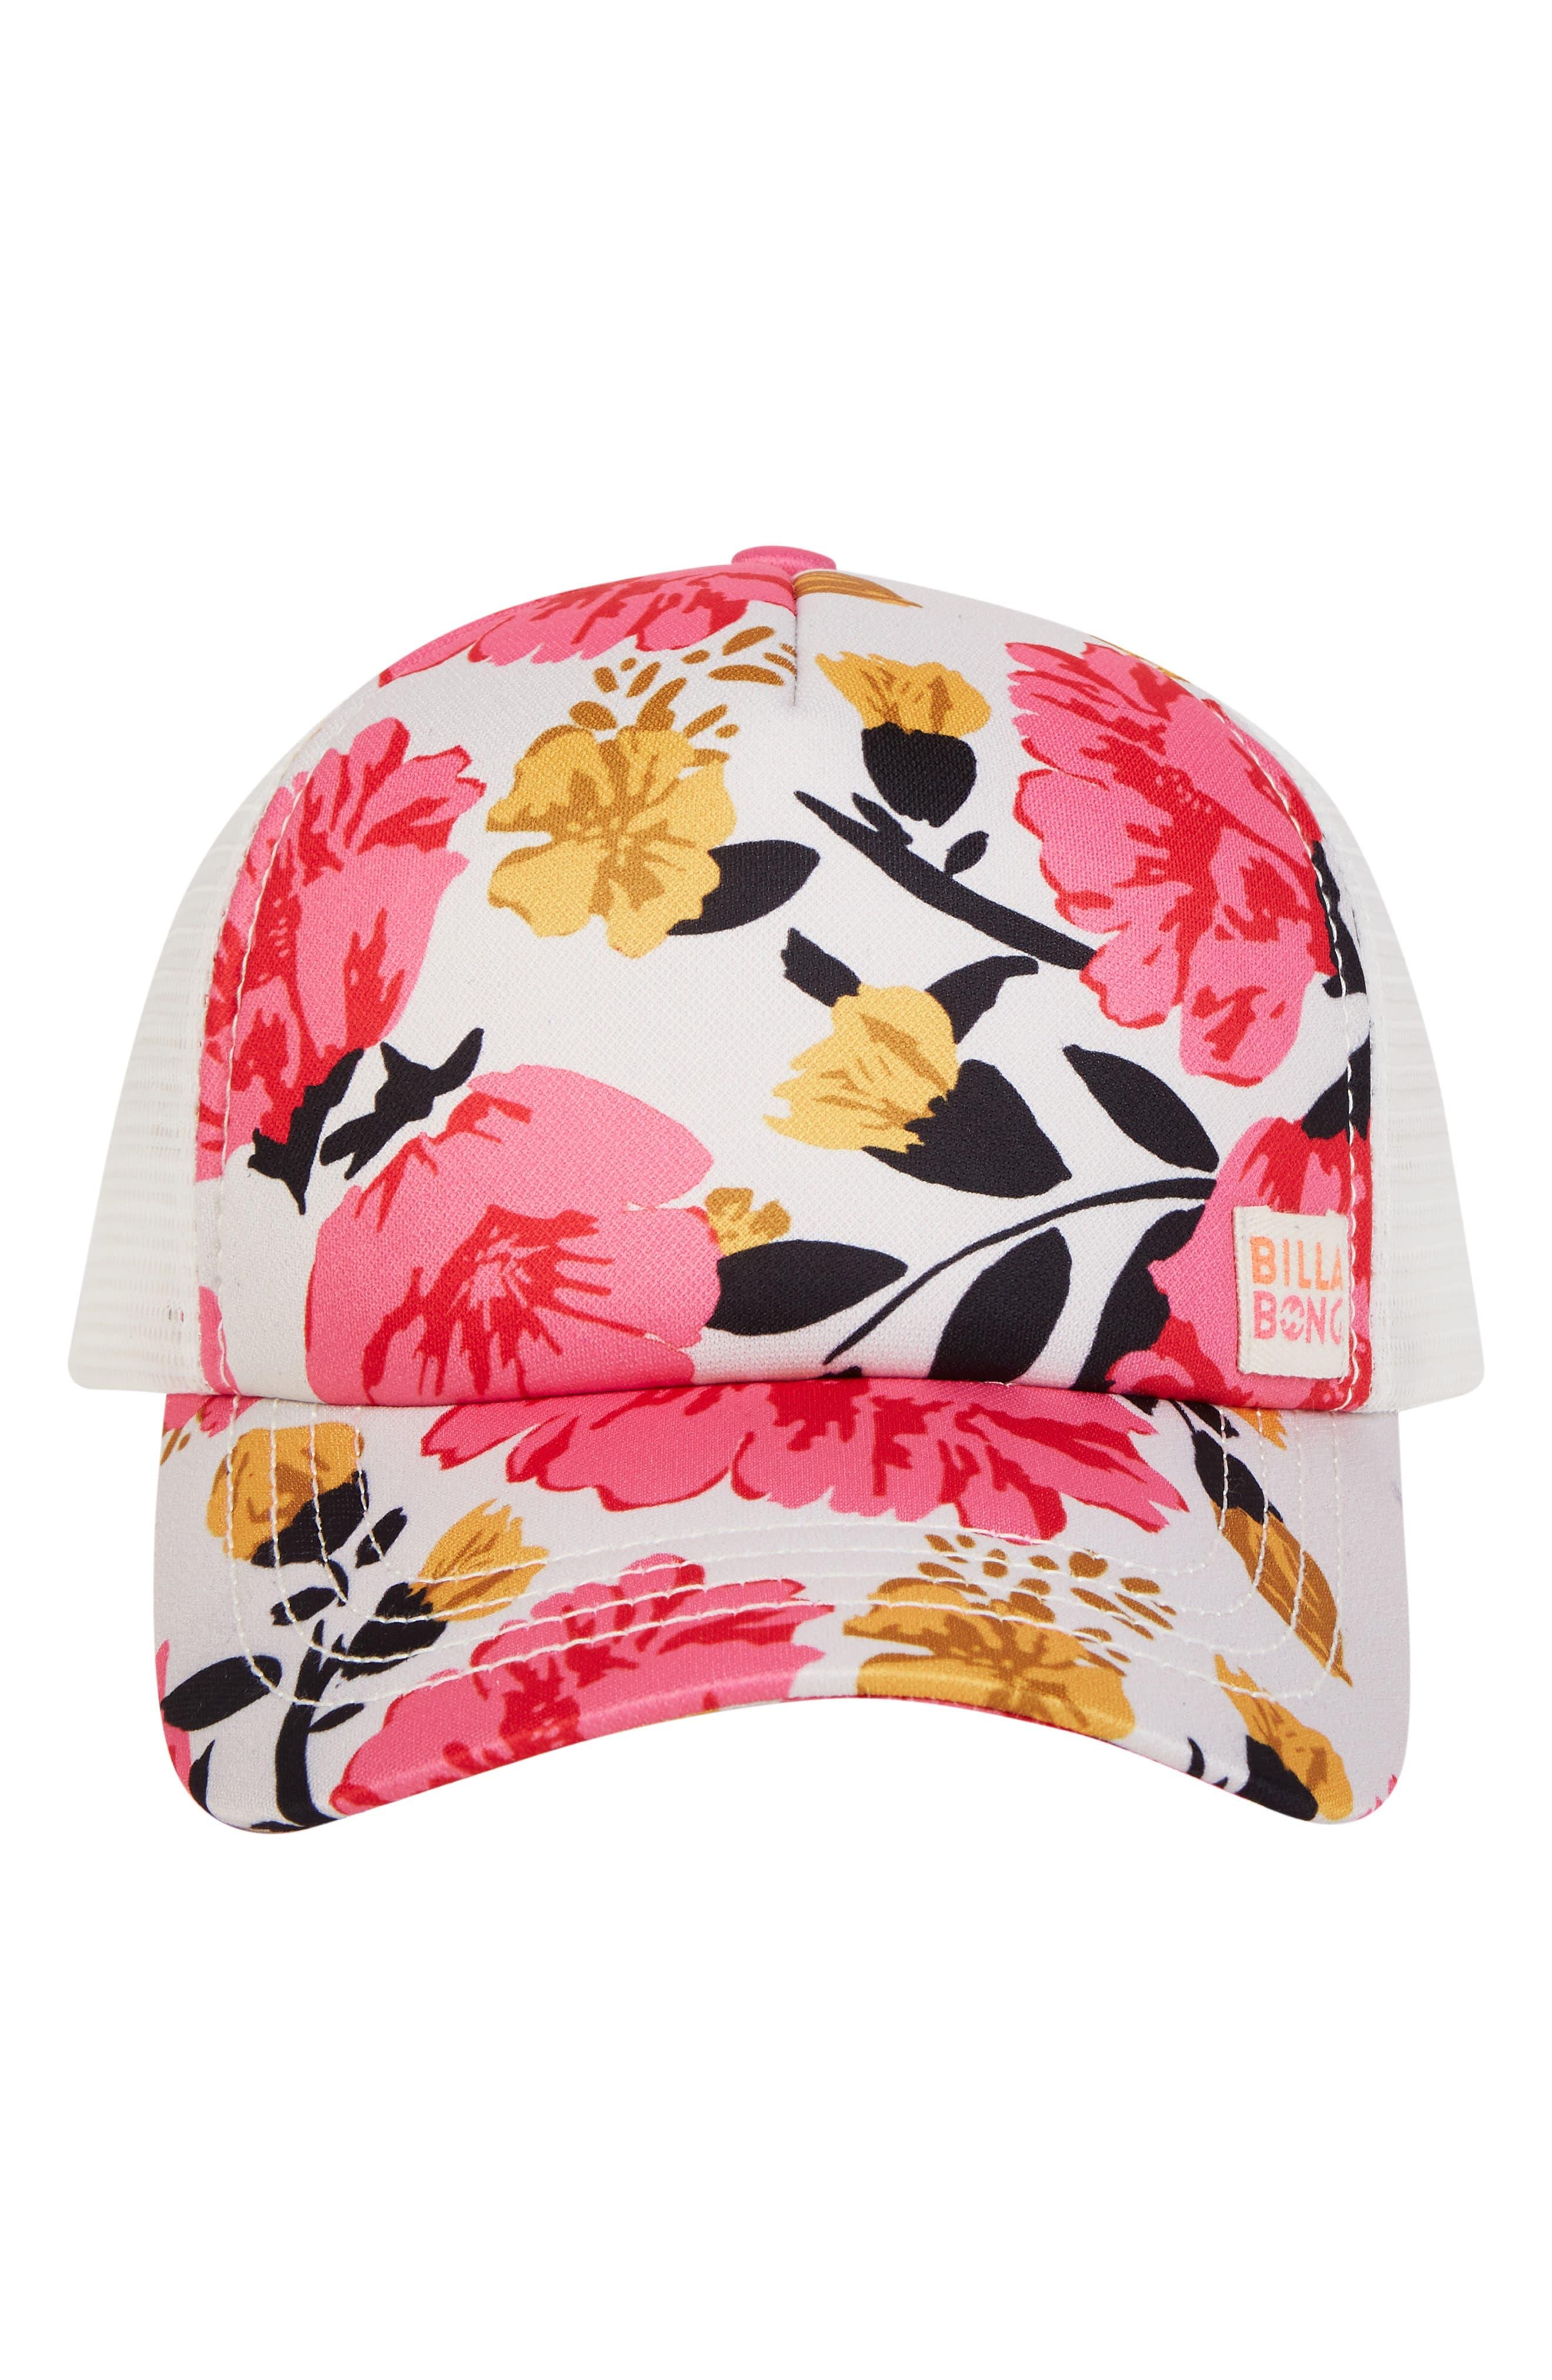 Shenanigans Trucker Hat,                             Alternate thumbnail 2, color,                             TPK-TAHITI PINK